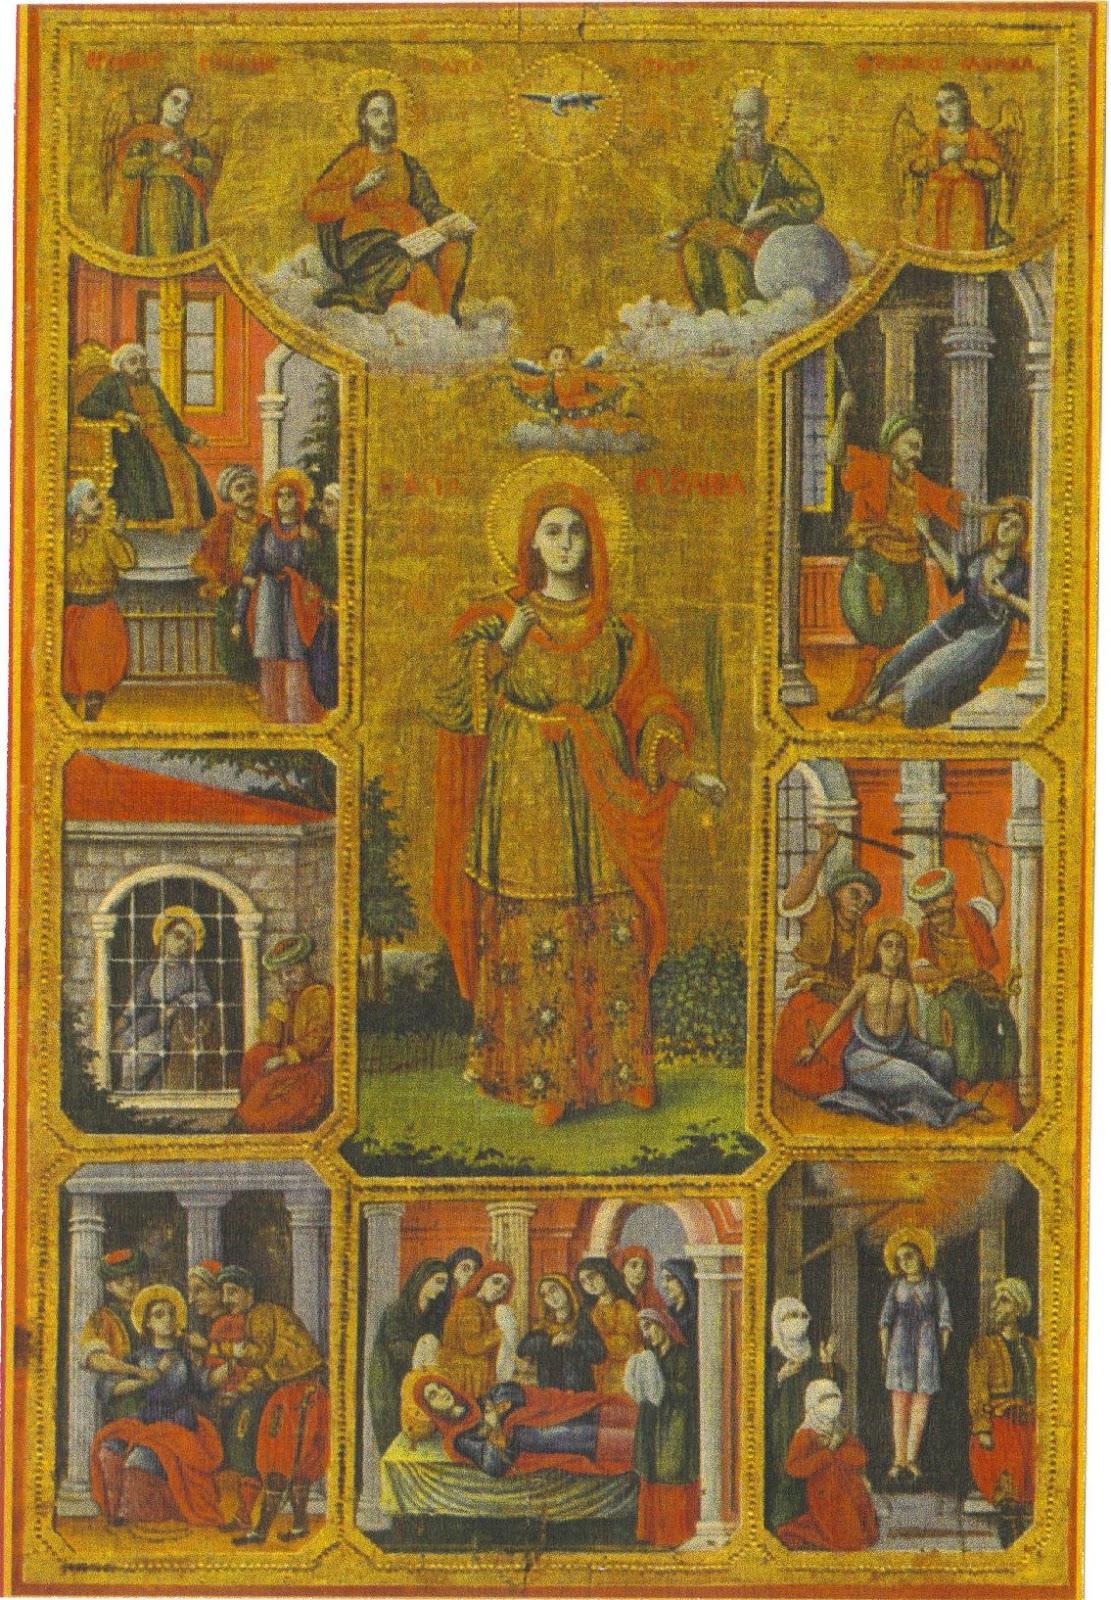 Αποτέλεσμα εικόνας για Κυράννας τῆς ἐν Θεσσαλονίκη